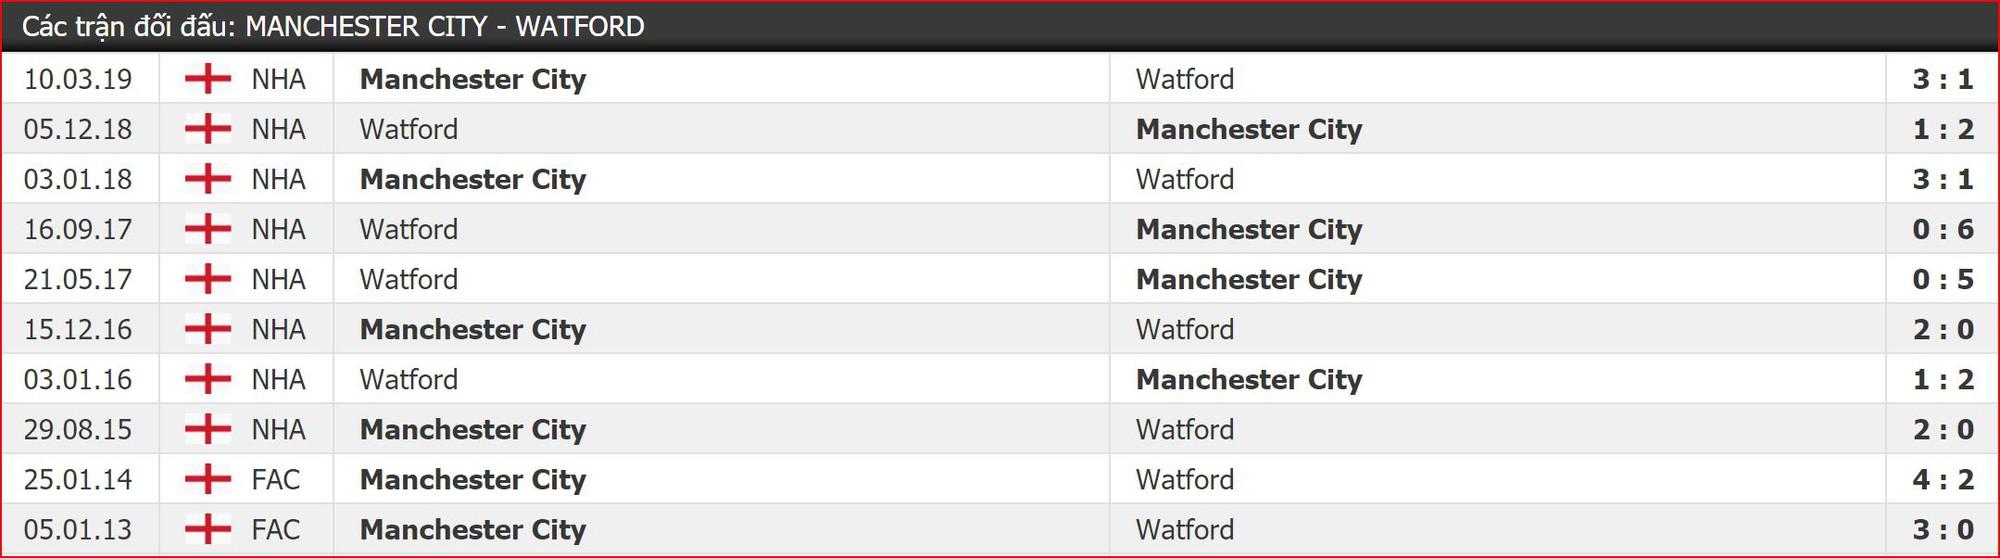 Nhận định Man City vs Watford (23h00, 18/5) Chung kết cúp FA: Cú ăn 3 quốc nội cho Pep - Ảnh 2.